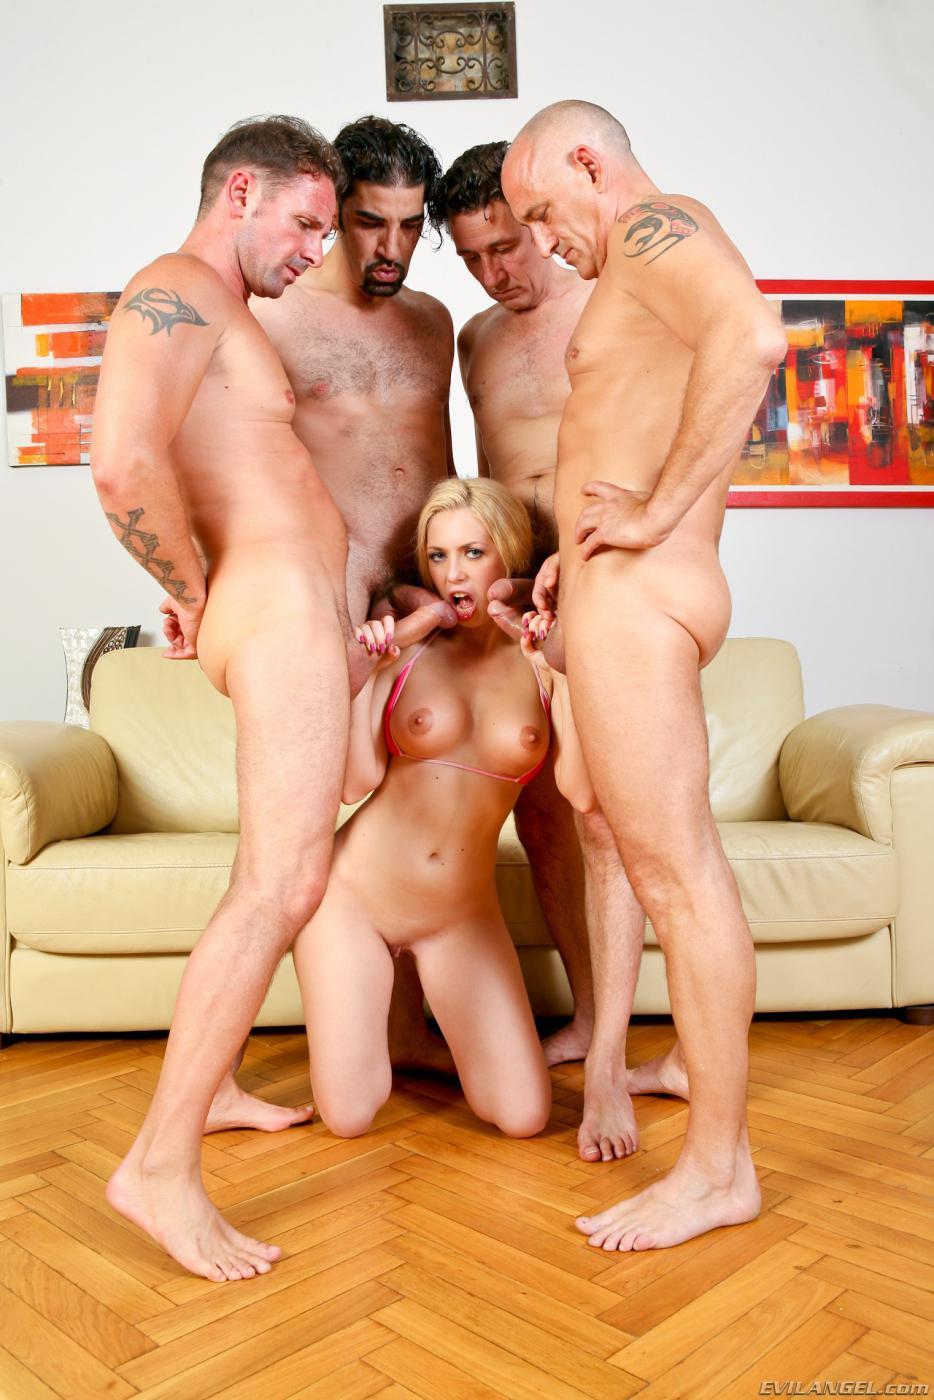 Смотреть онлайн бесплатно секс на четверых 4 фотография